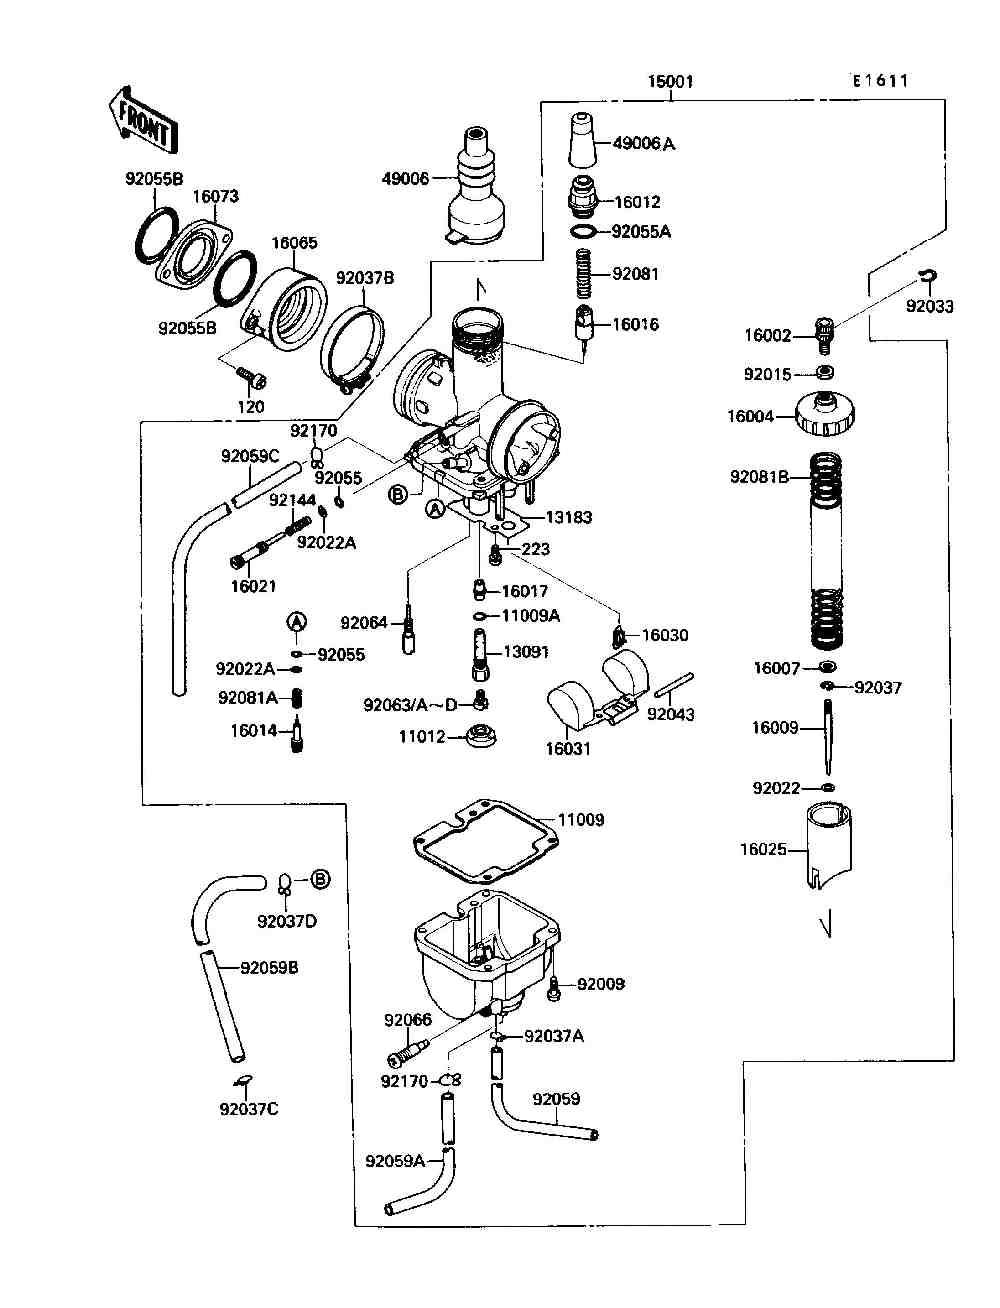 2EF03 Wiring Diagram Kawasaki Bayou 220 Parts   Wiring Resources on klt 200 wiring diagram, klt 250 wiring diagram, ke 125 wiring diagram, ke100 wiring diagram,